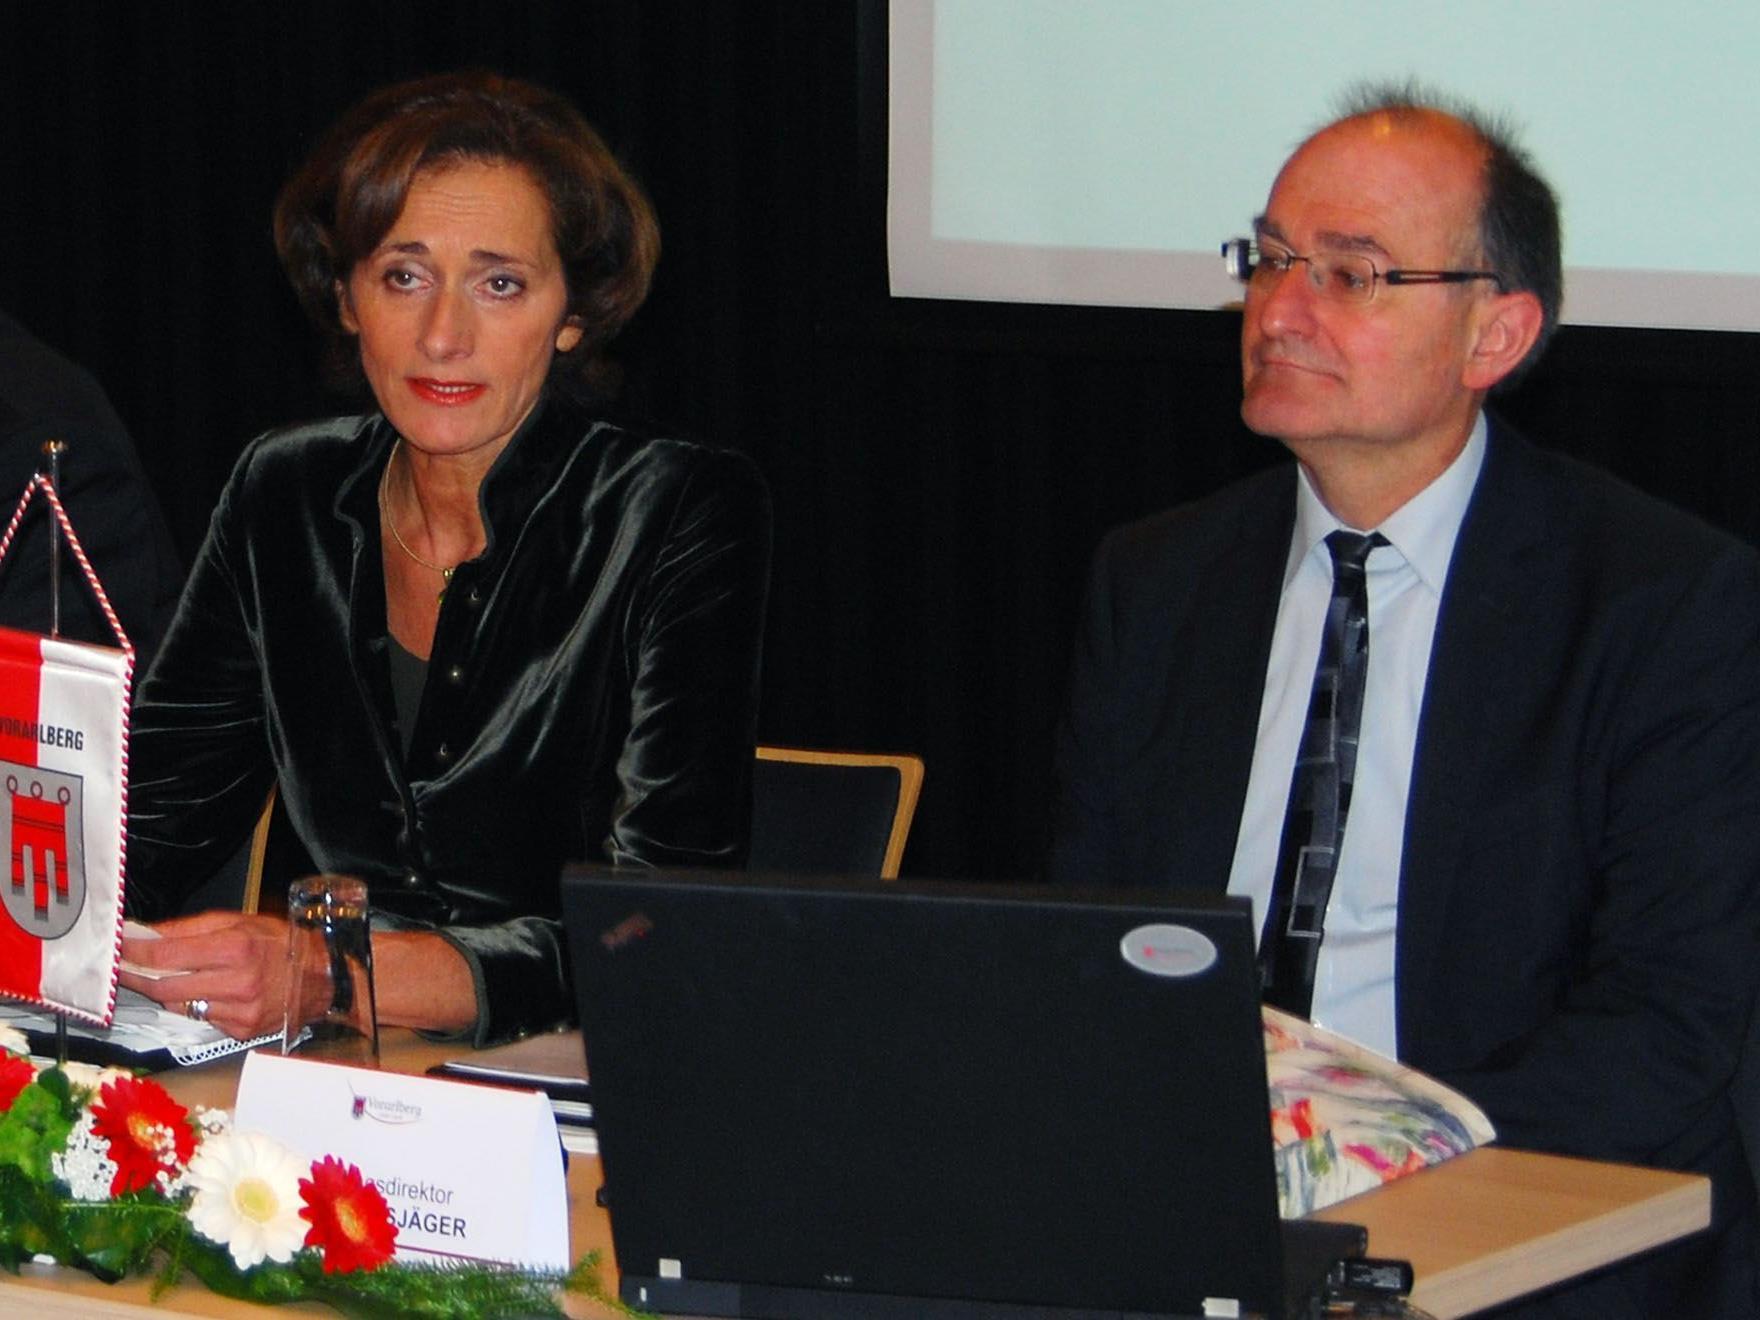 LT-Präsidentin Mennel und LT-Direktor Bußjäger, Leiter des Föderalismusinstituts.